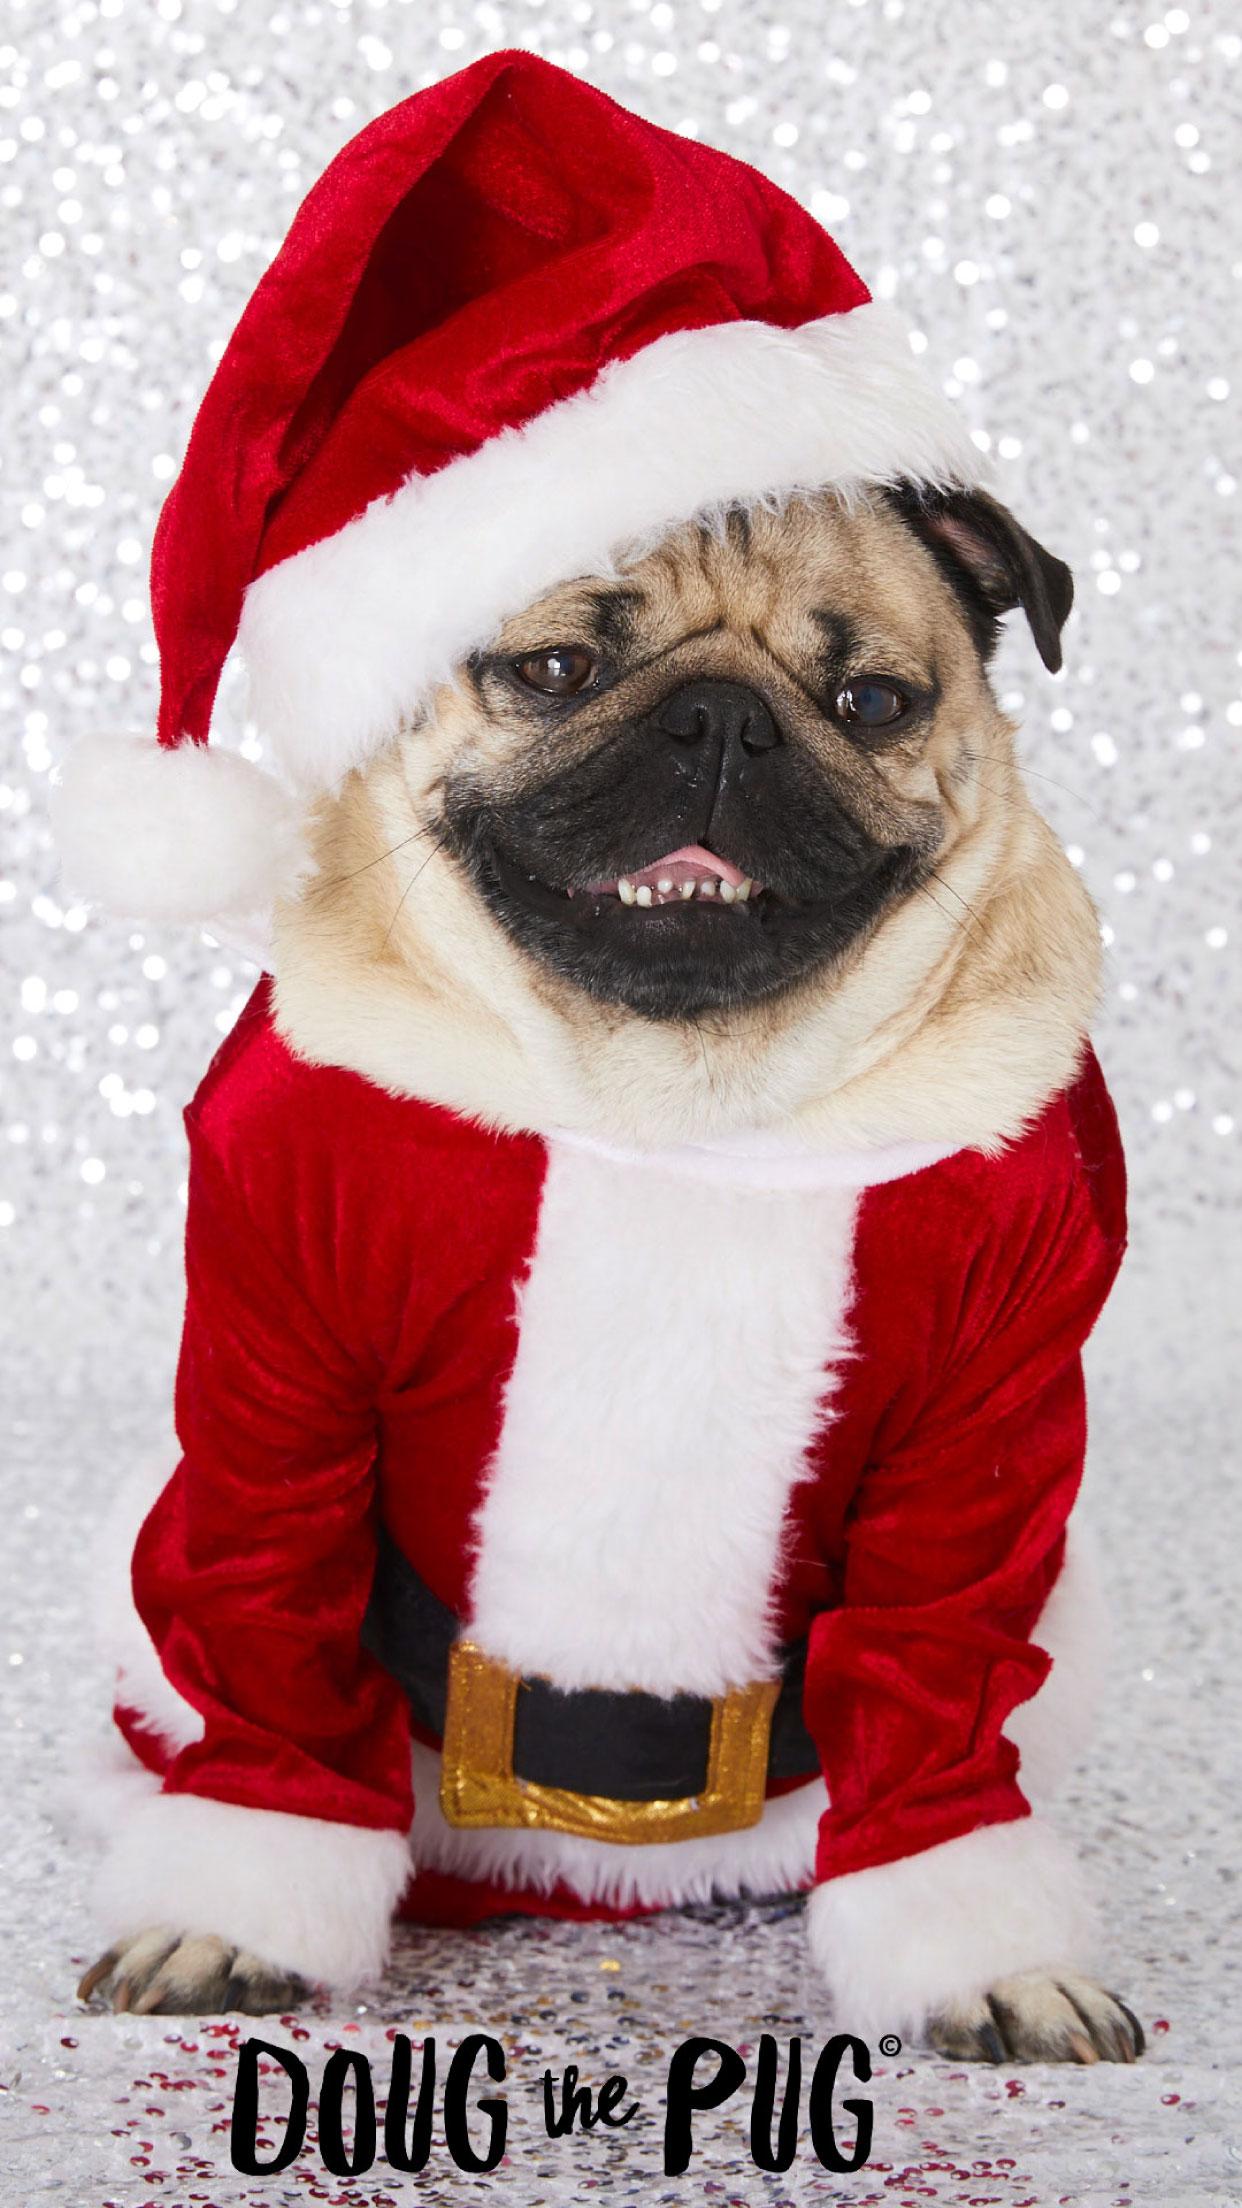 free doug the pug christmas wallpapers